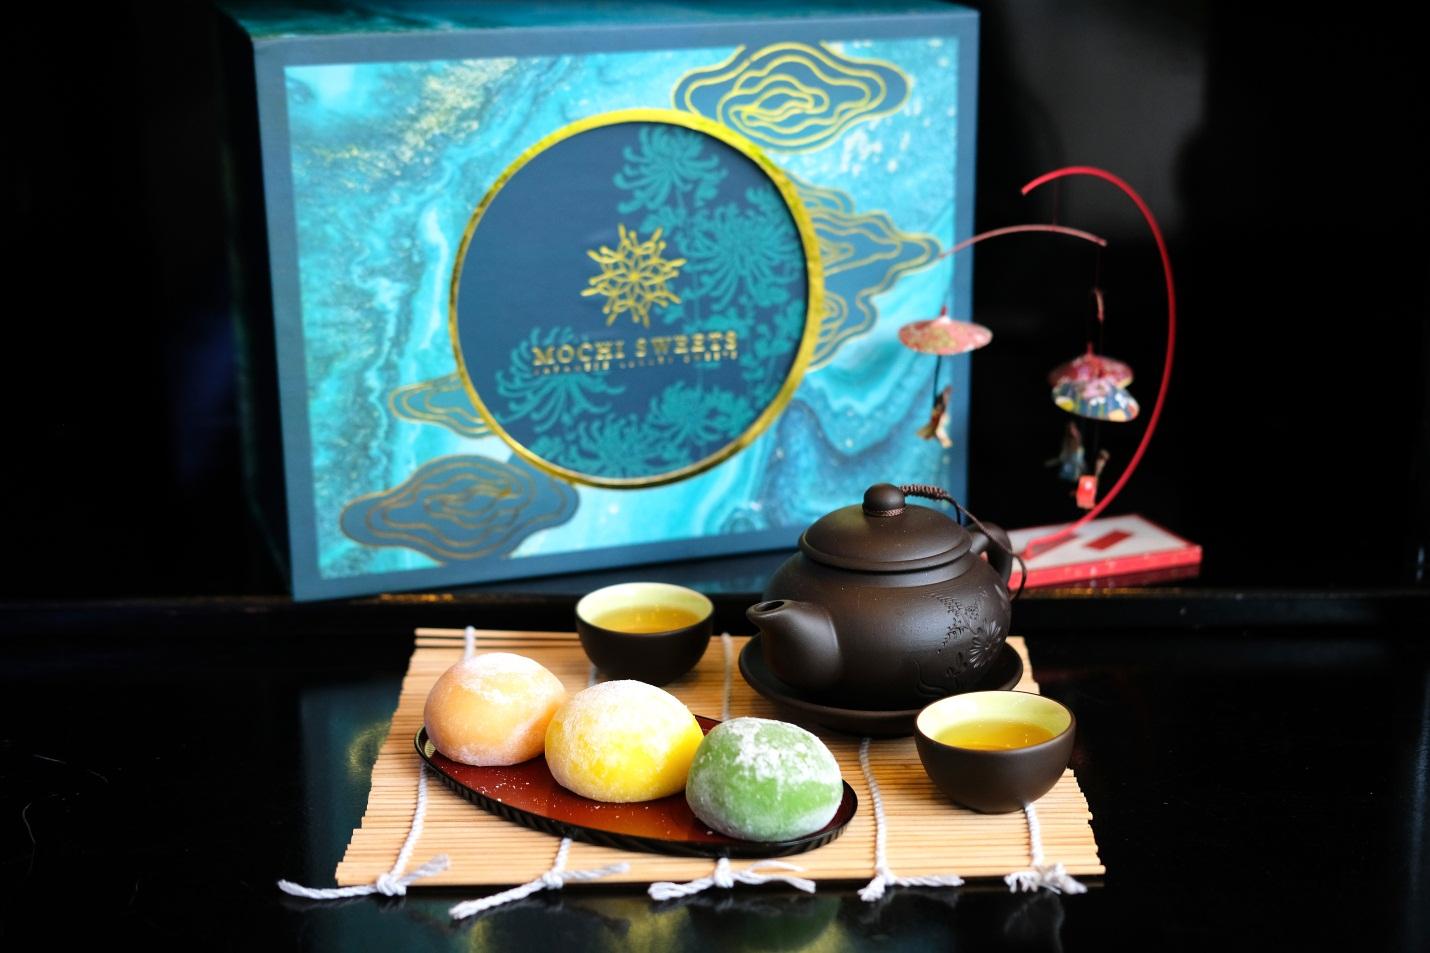 Hộp quà tặng Trung thu Mochi Sweets - Nét cổ truyền trong lòng hiện đại - Ảnh 5.